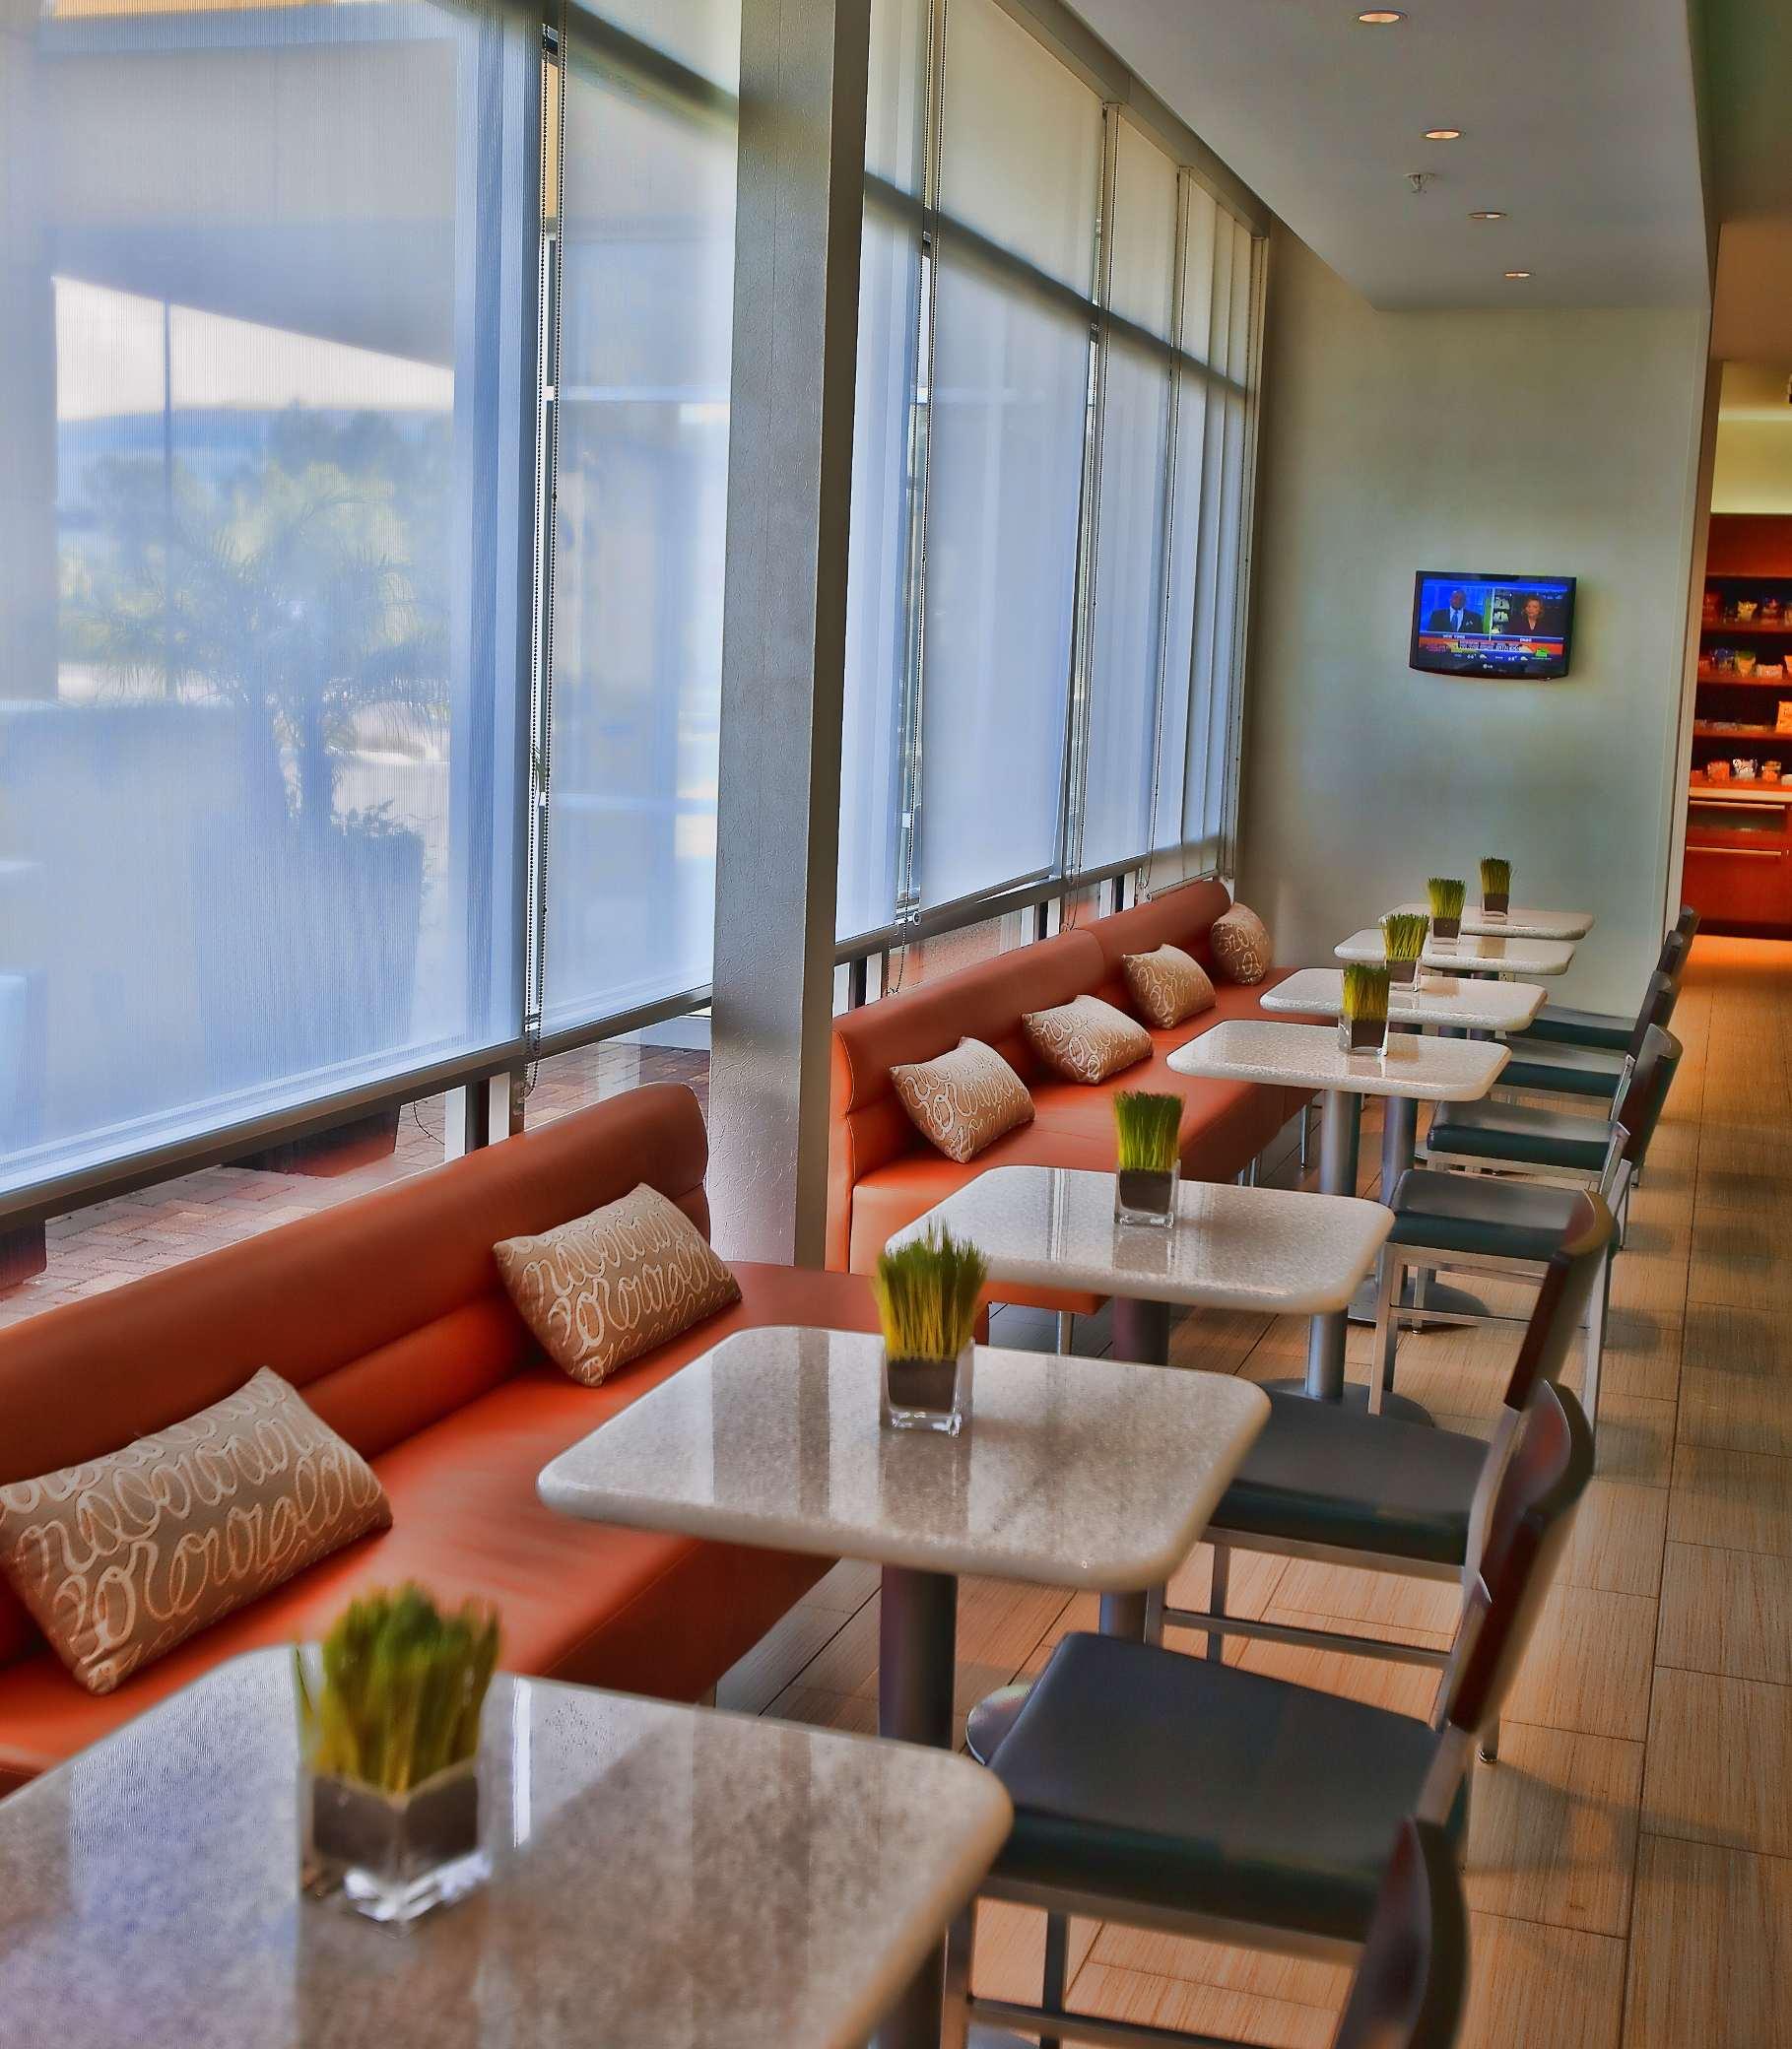 SpringHill Suites by Marriott Houston Rosenberg image 9